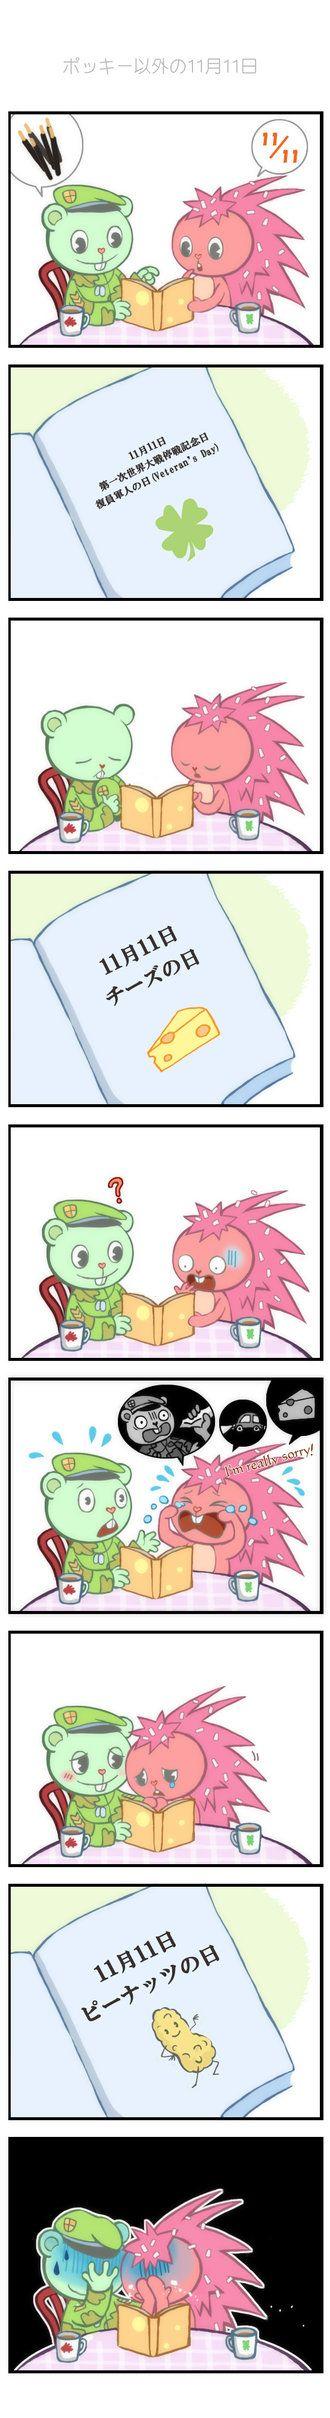 este es un comic de flippyxflaky de HTF perdon a todos los que no entienden el japones. a decir verdad yo ni lo entendi XD.